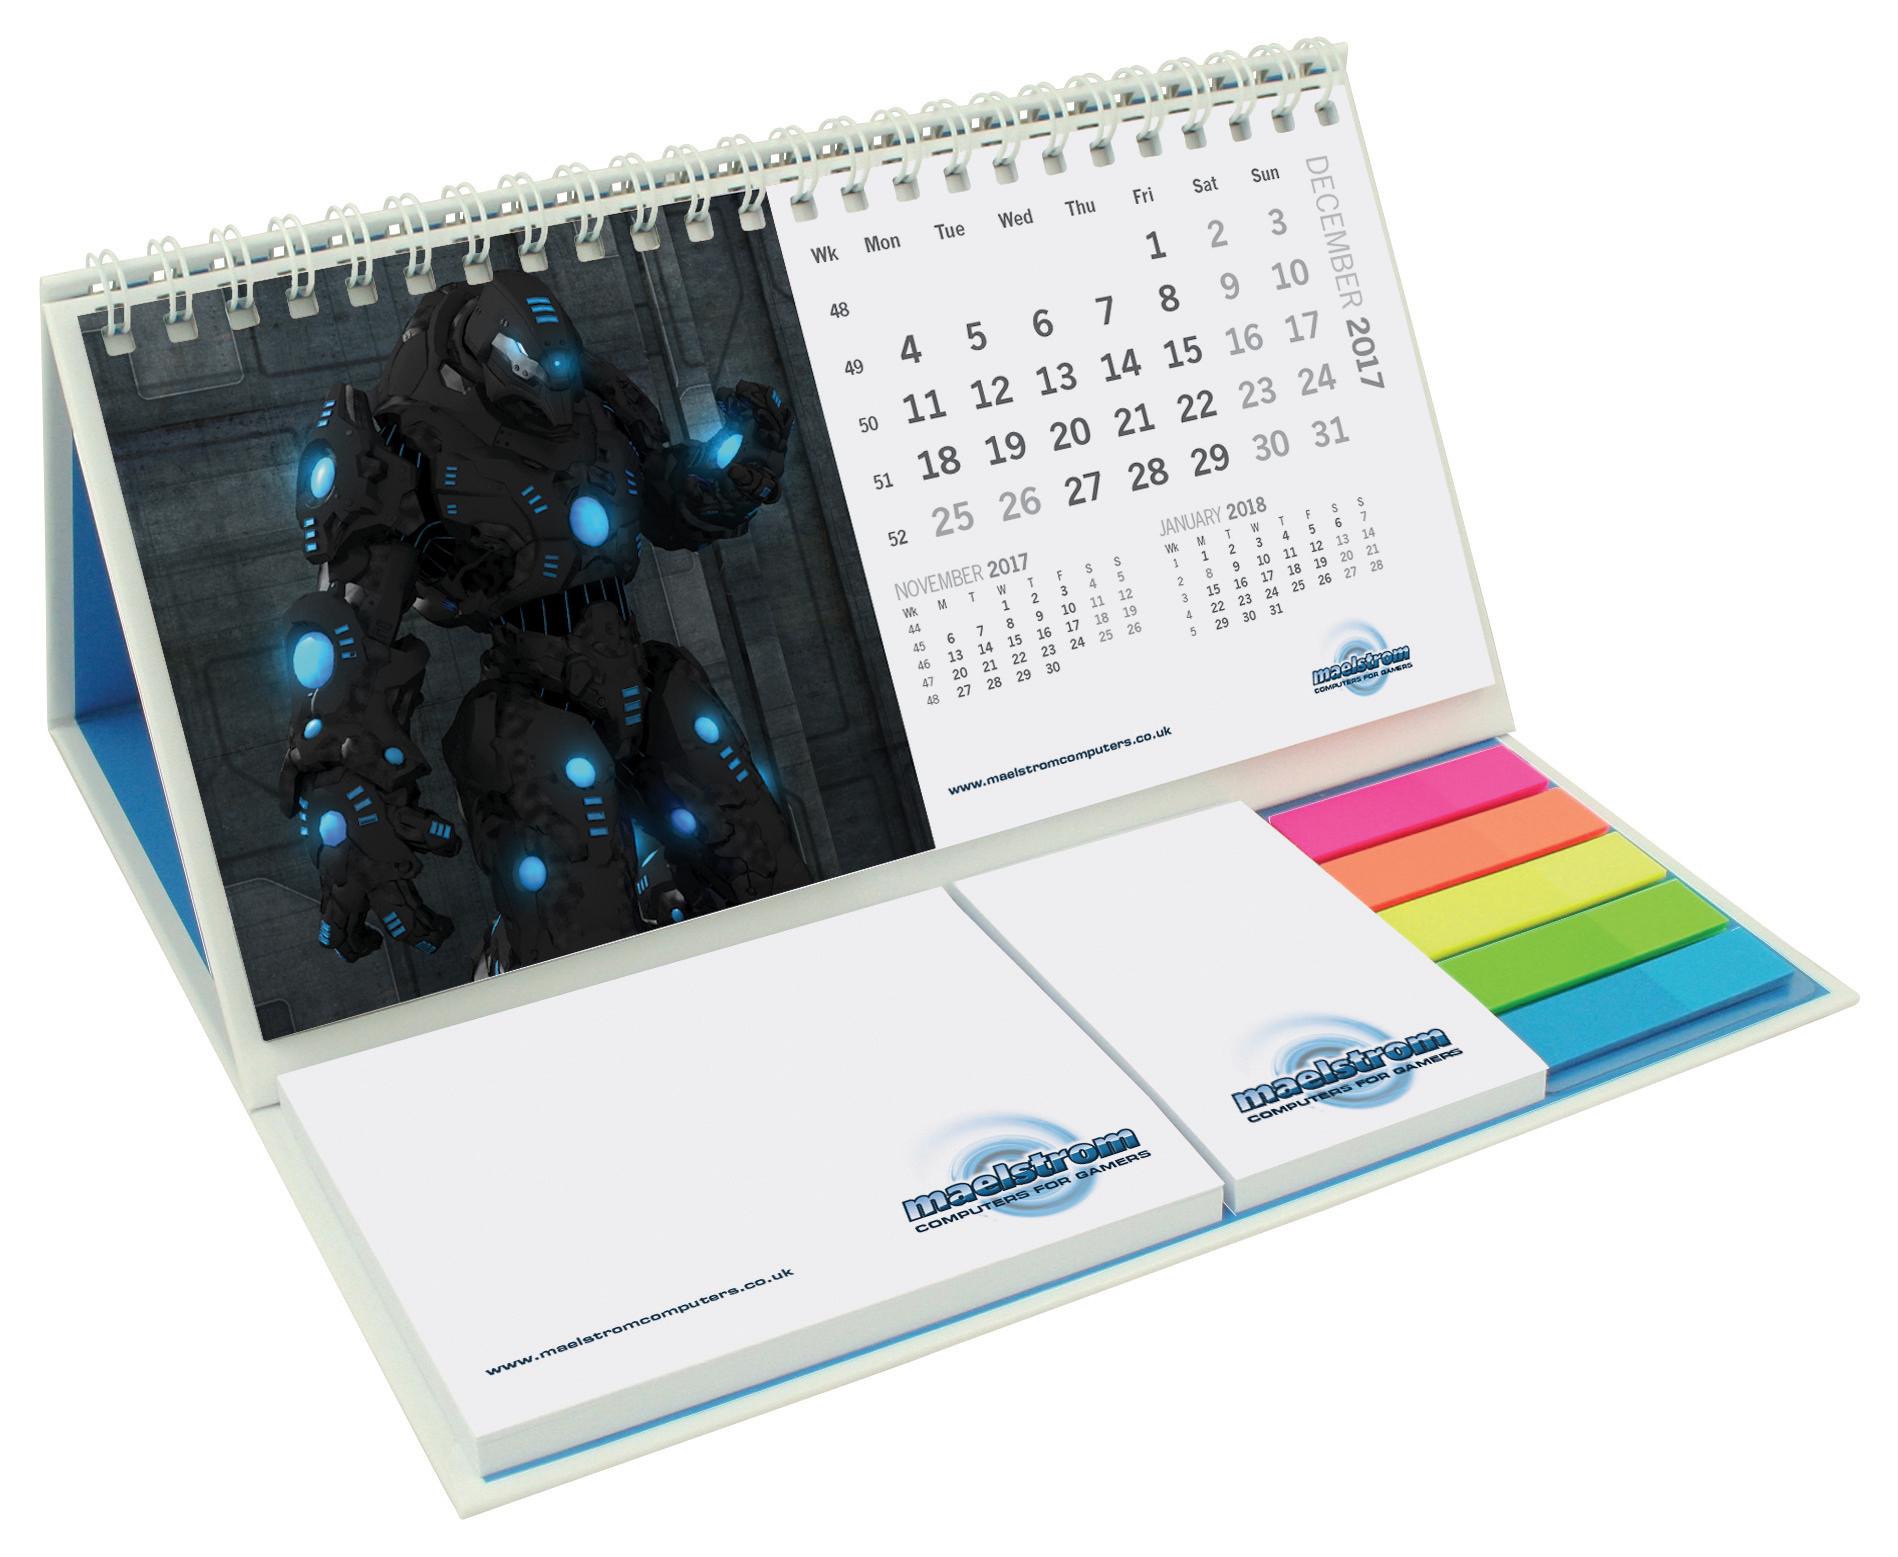 calendarpod-wiro-1.jpg